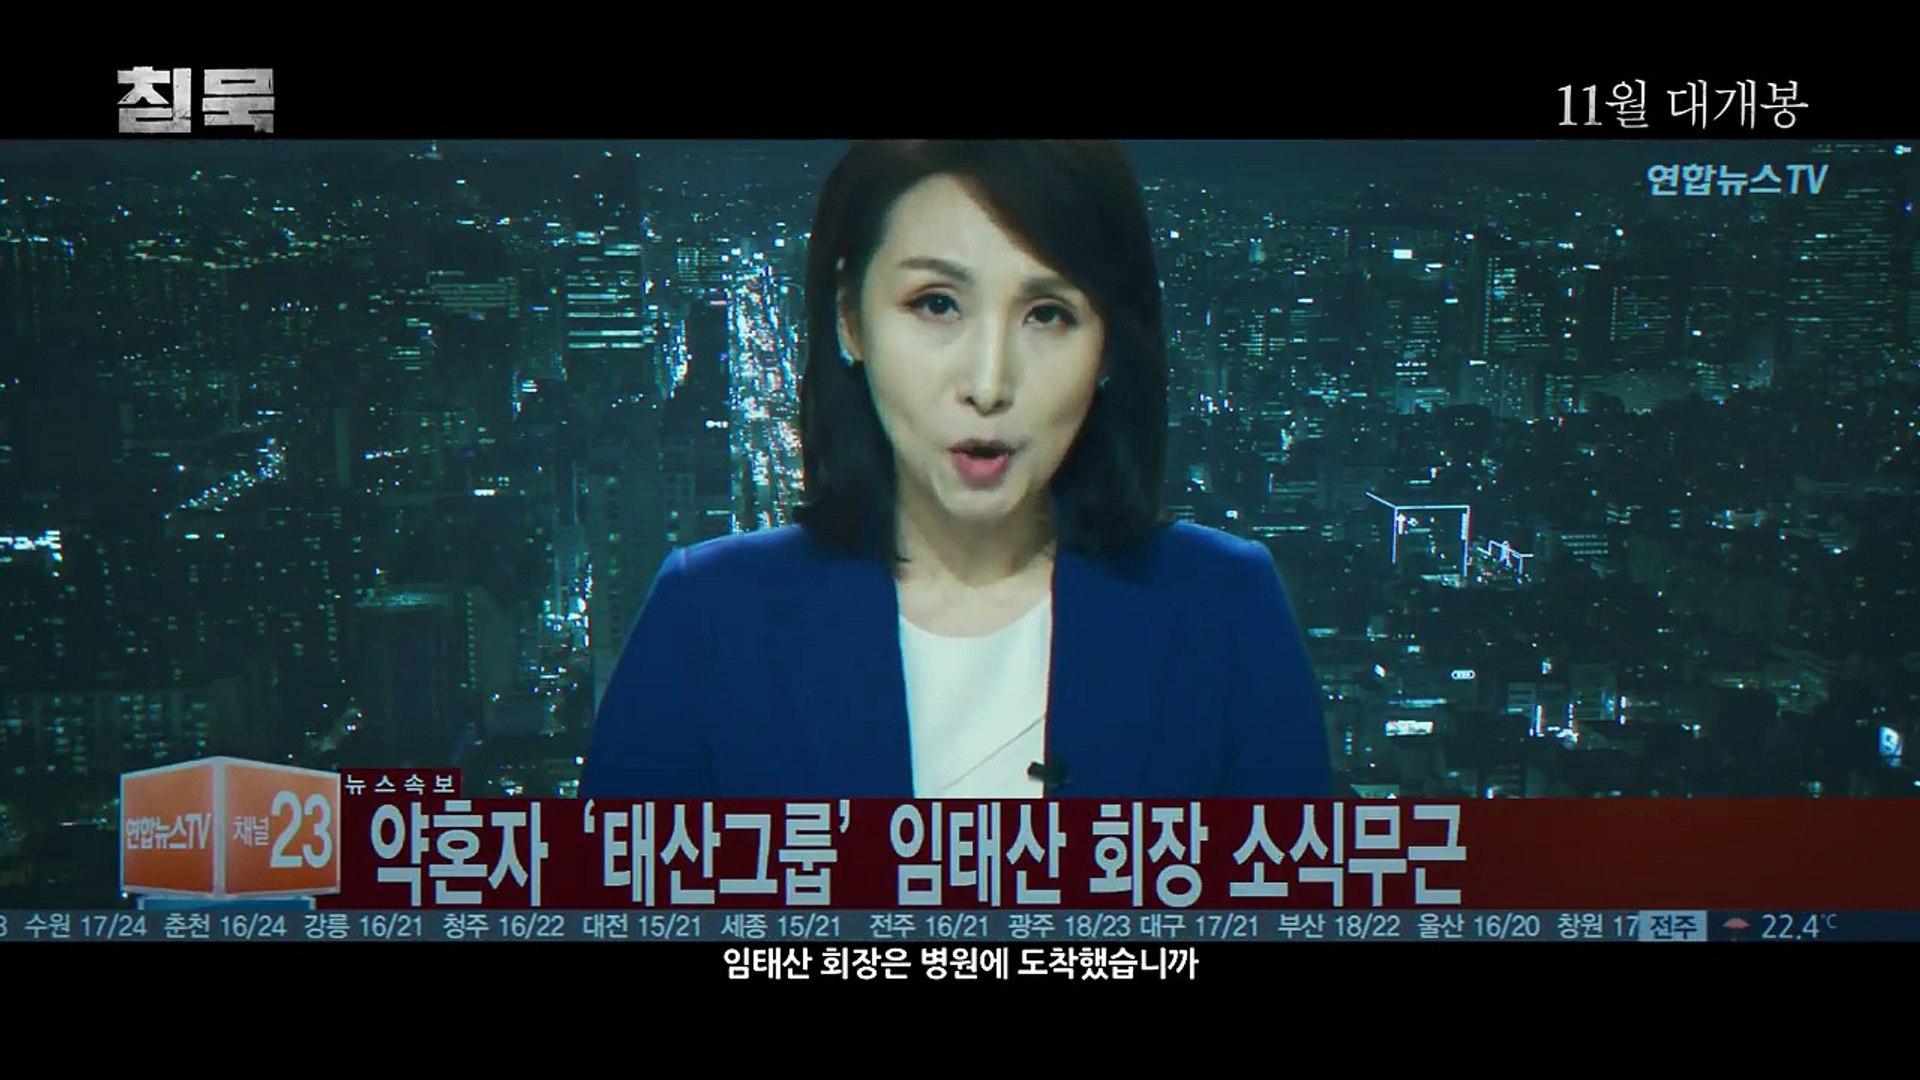 영화 침묵 (Heart Blackened, 2017) 다시보기 영화 2017 HD BluRay 한글자막